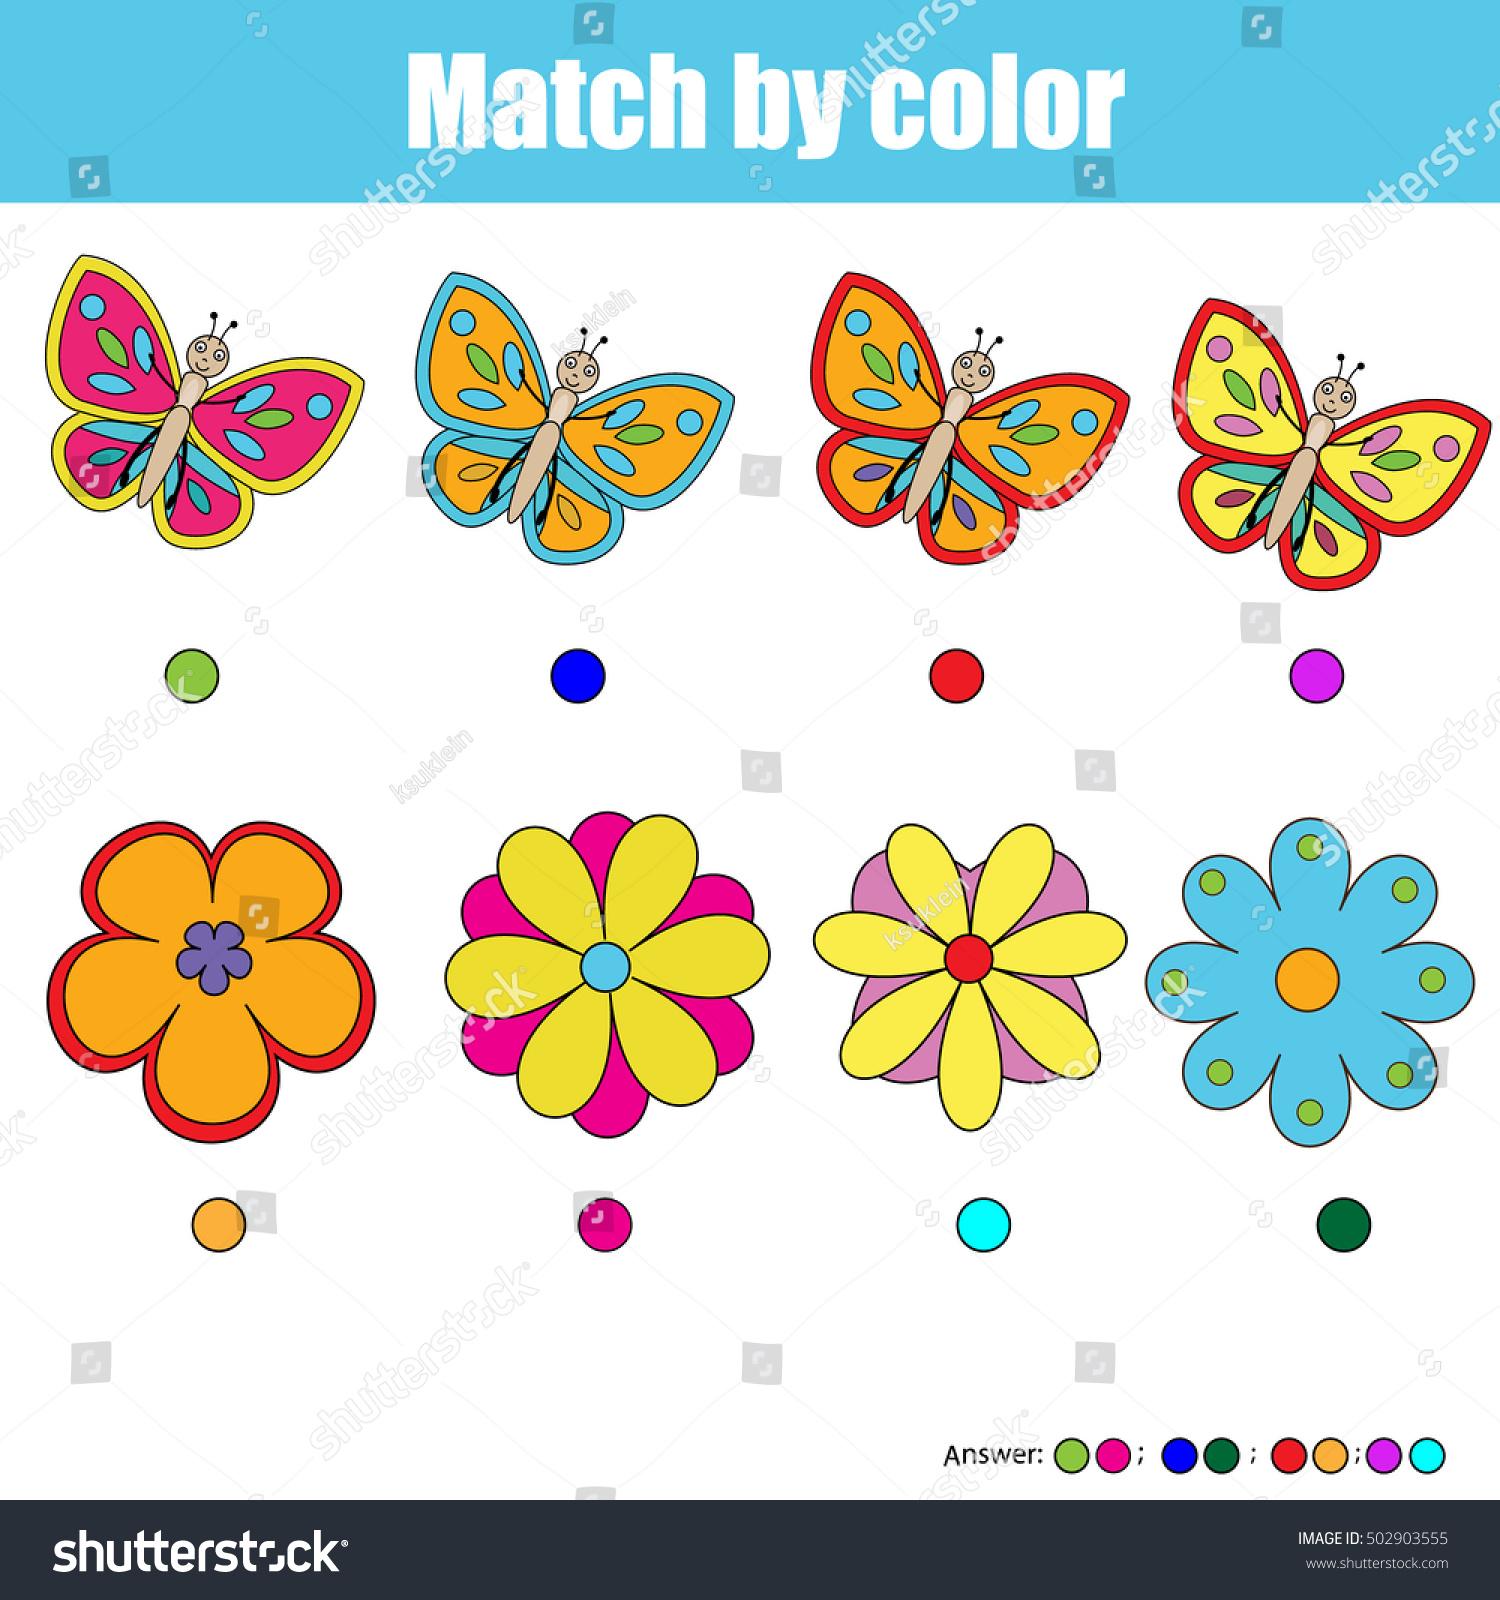 Matching Pairs Worksheet